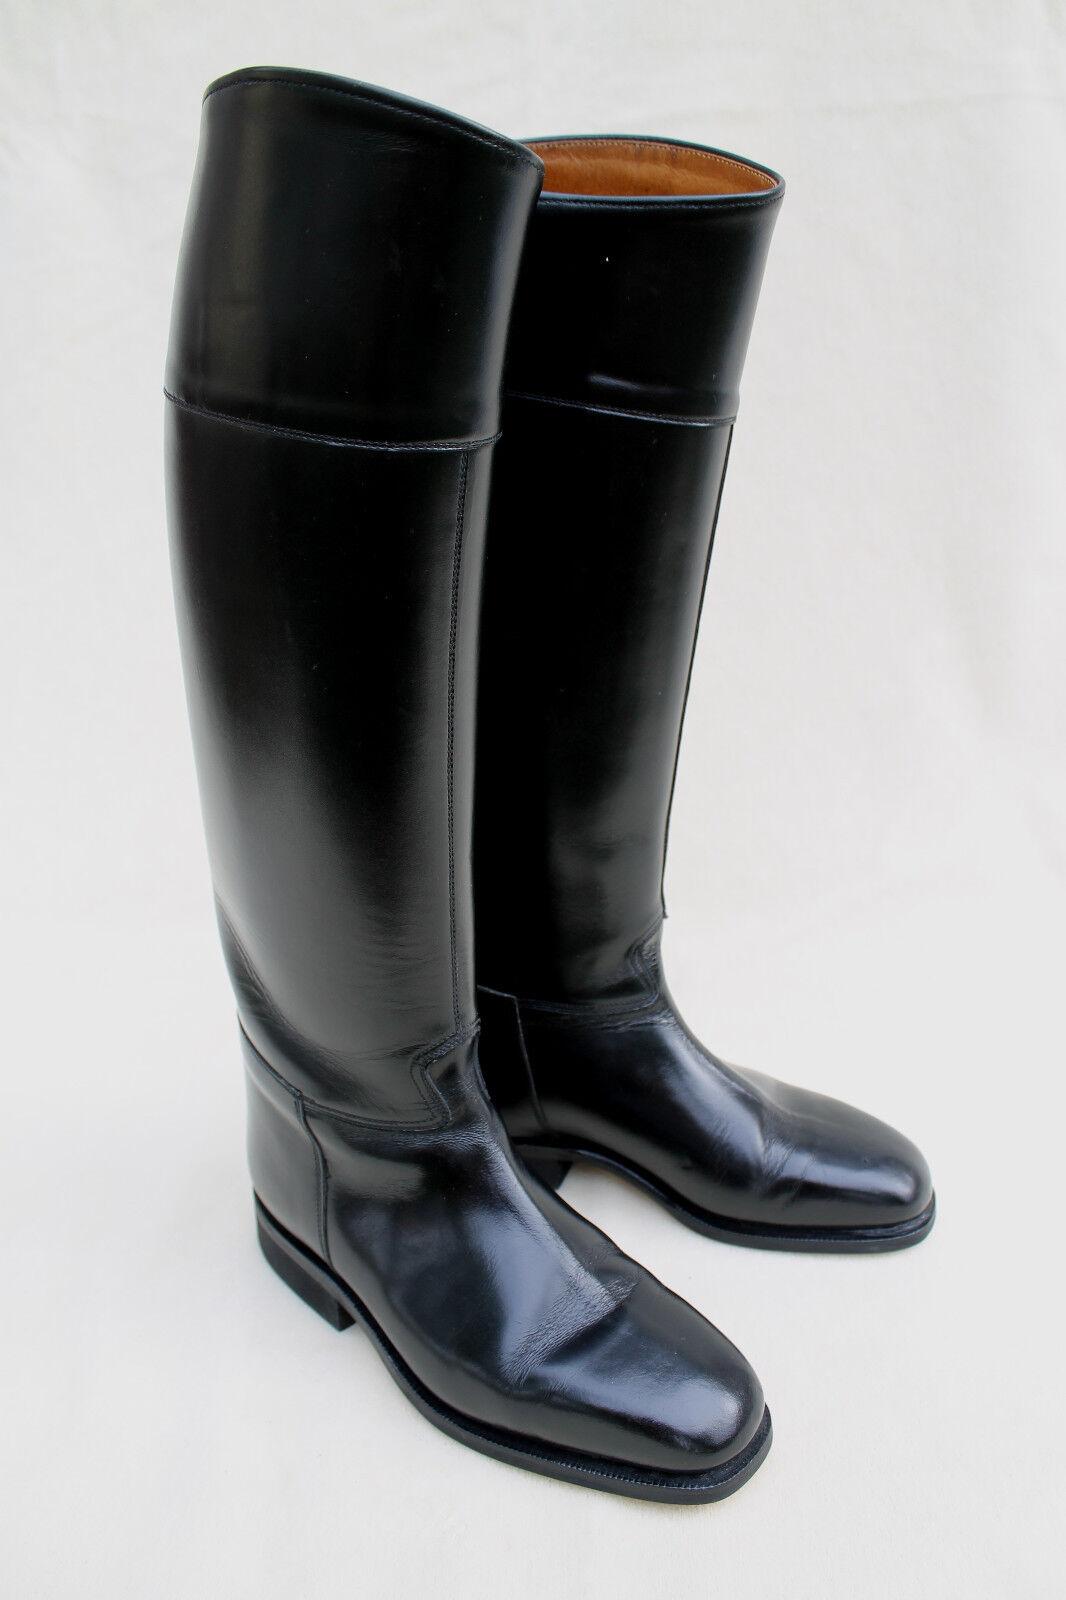 Cavallo botas De Montar Caza Talla 4.0 altura es de 43 cm de la pantorrilla es de 34 Cm